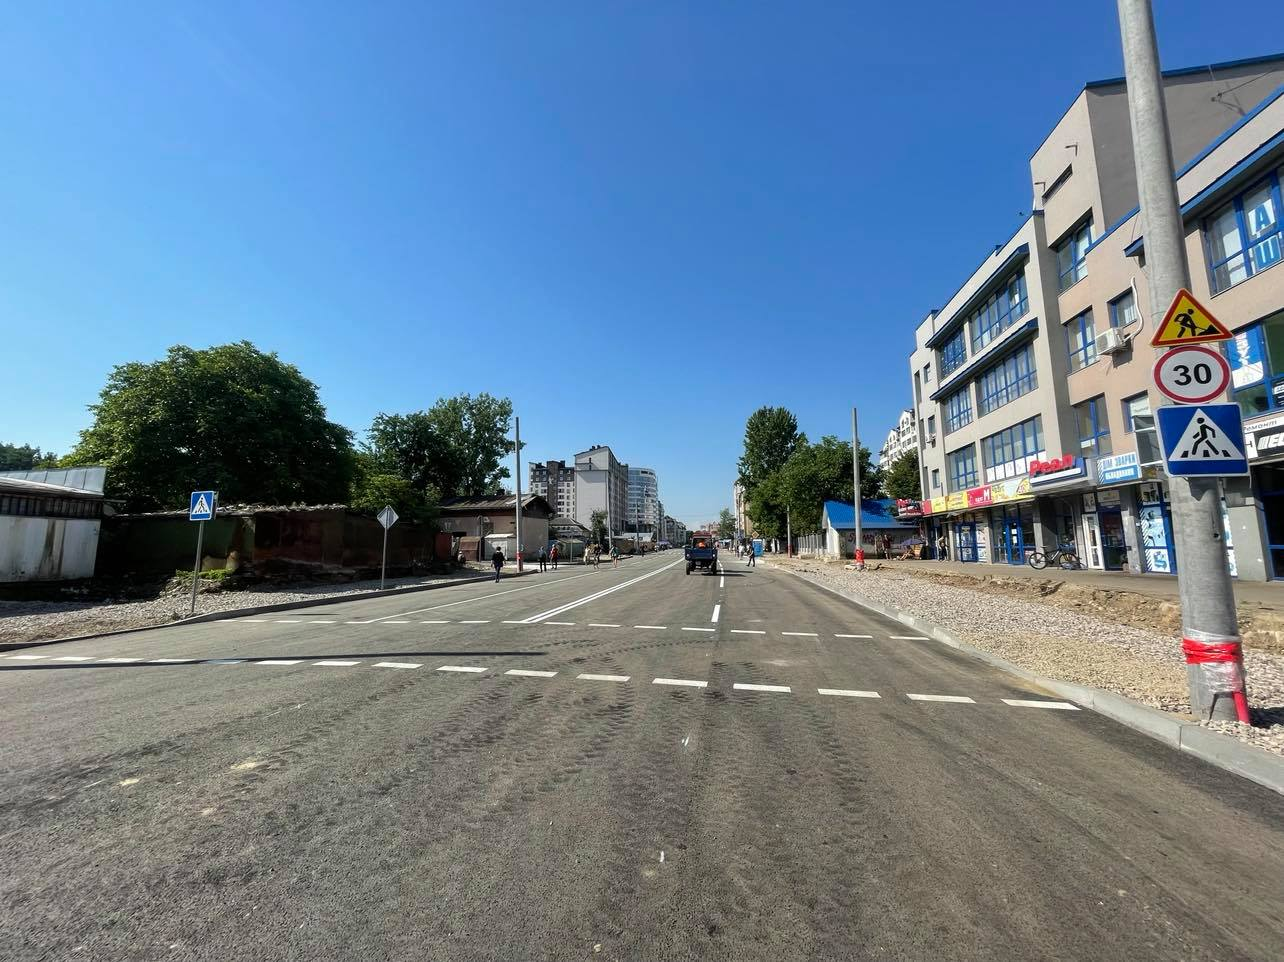 Комісія з безпеки не погодила схему організації руху, але з'єднані бульвари вже відкрили (ВІДЕО)